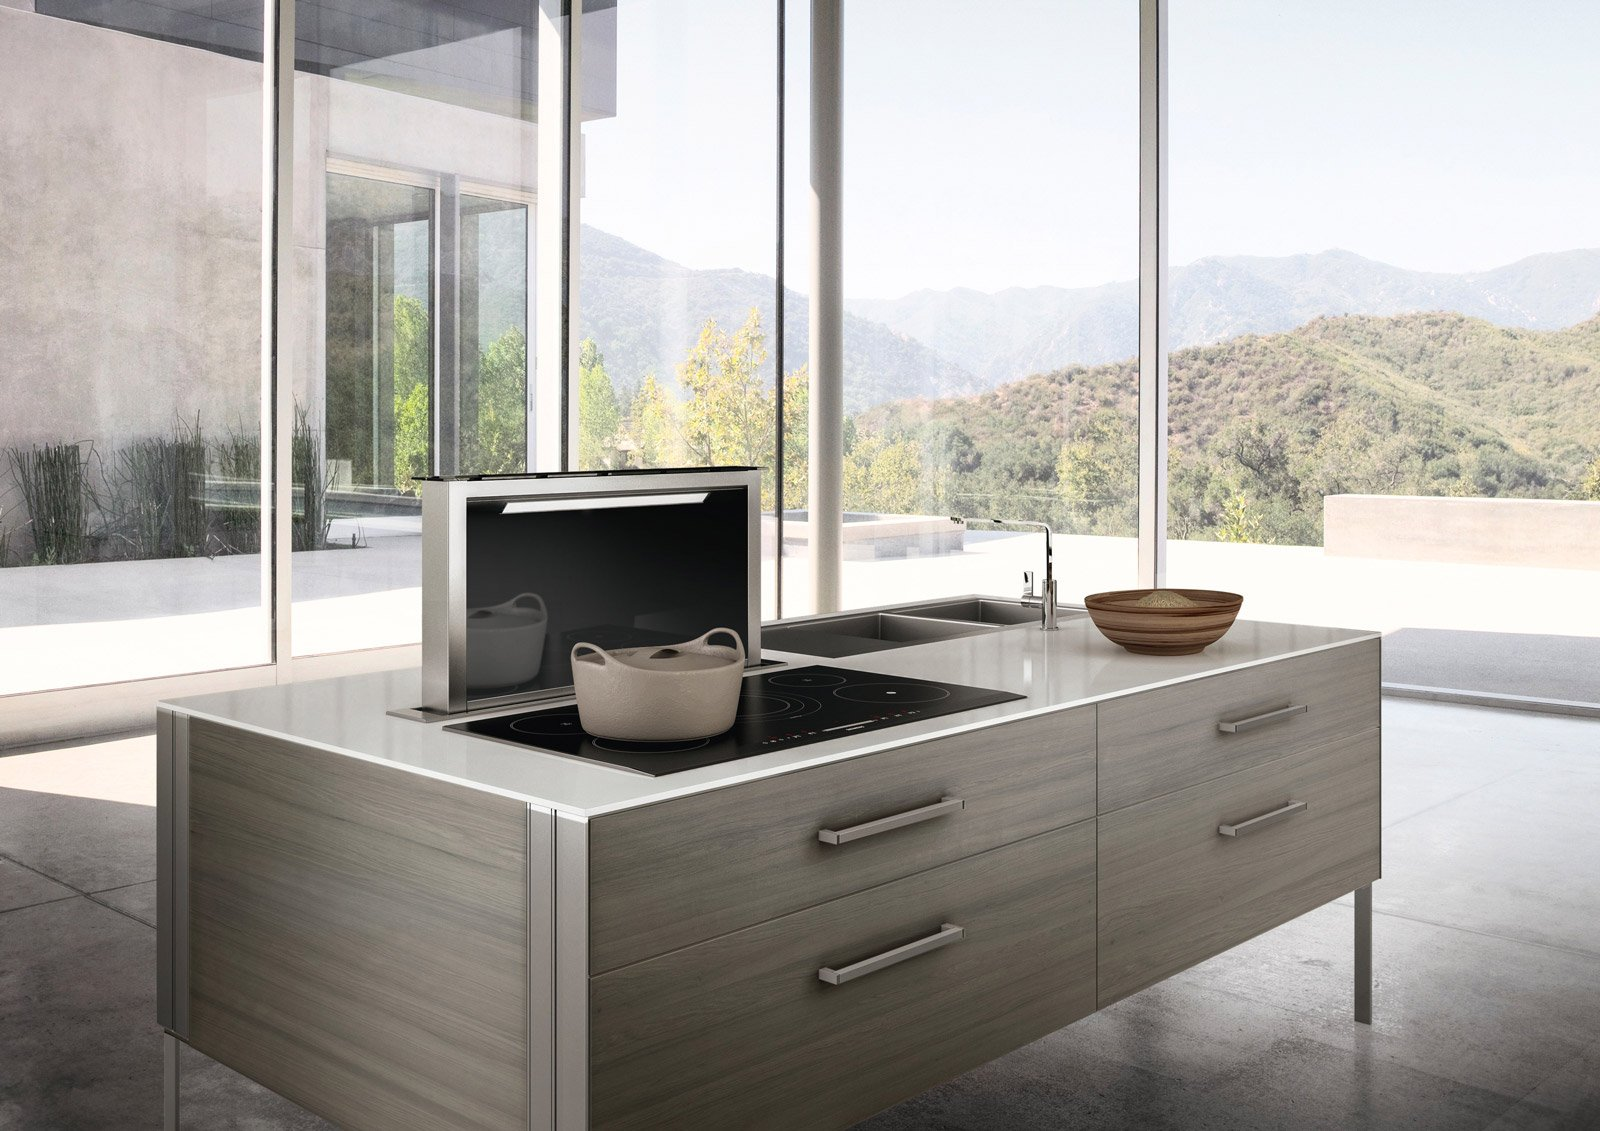 Come scegliere la cappa della cucina cose di casa - Cucine faber prezzi ...